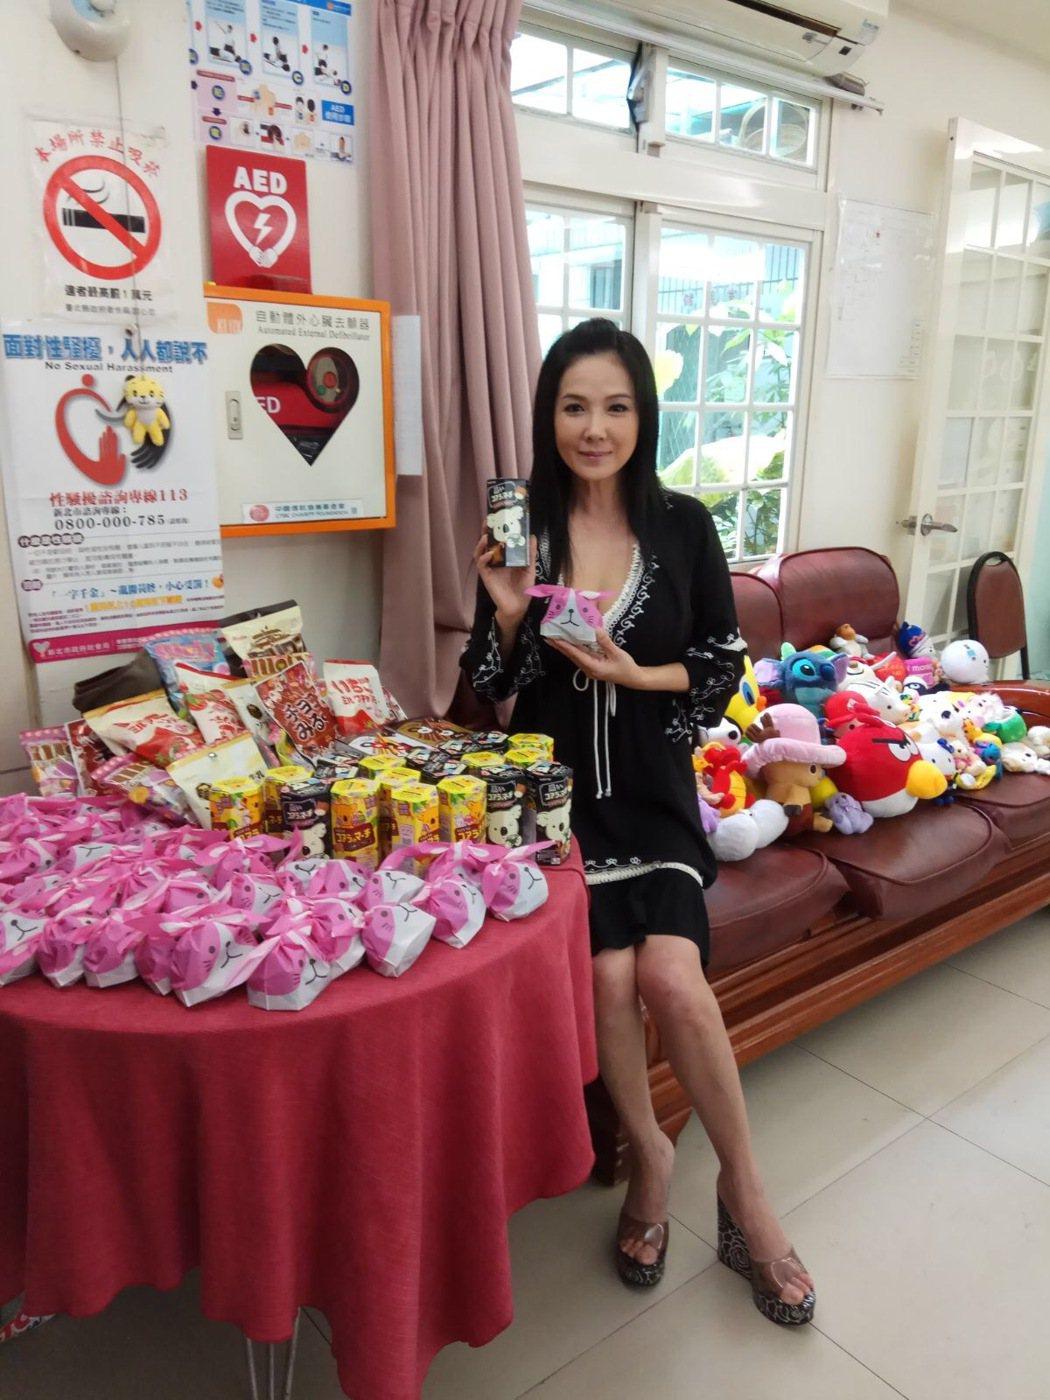 丁國琳很有愛心,親手做餅乾也送玩具給育幼院童。圖/昇華娛樂提供